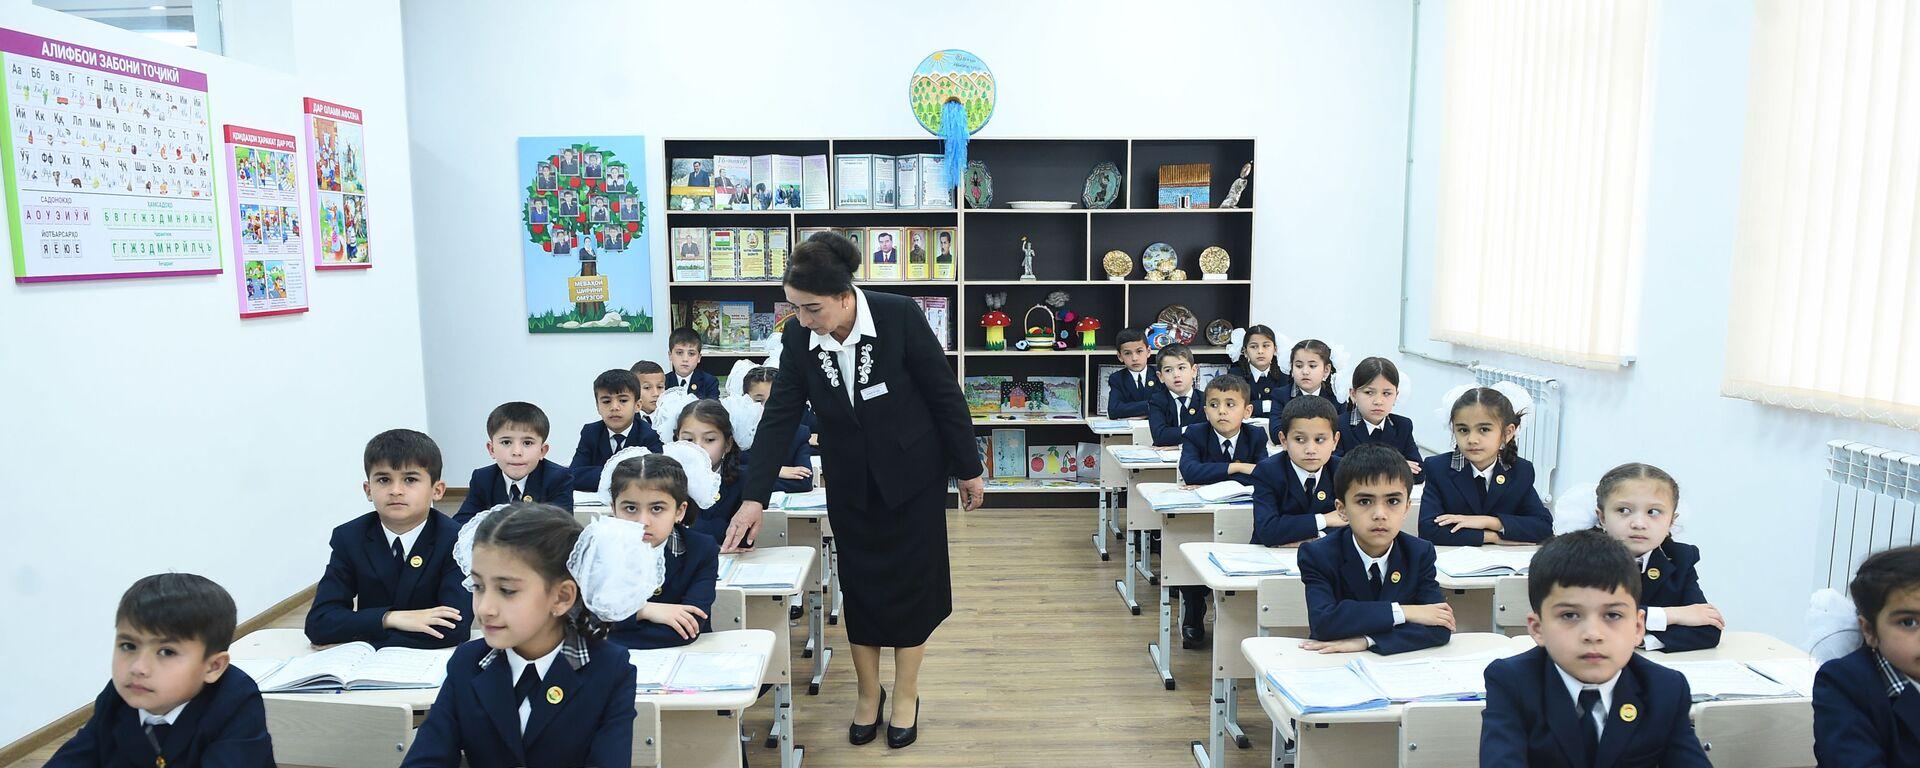 Новая школа в Душанбе - Sputnik Таджикистан, 1920, 15.07.2021